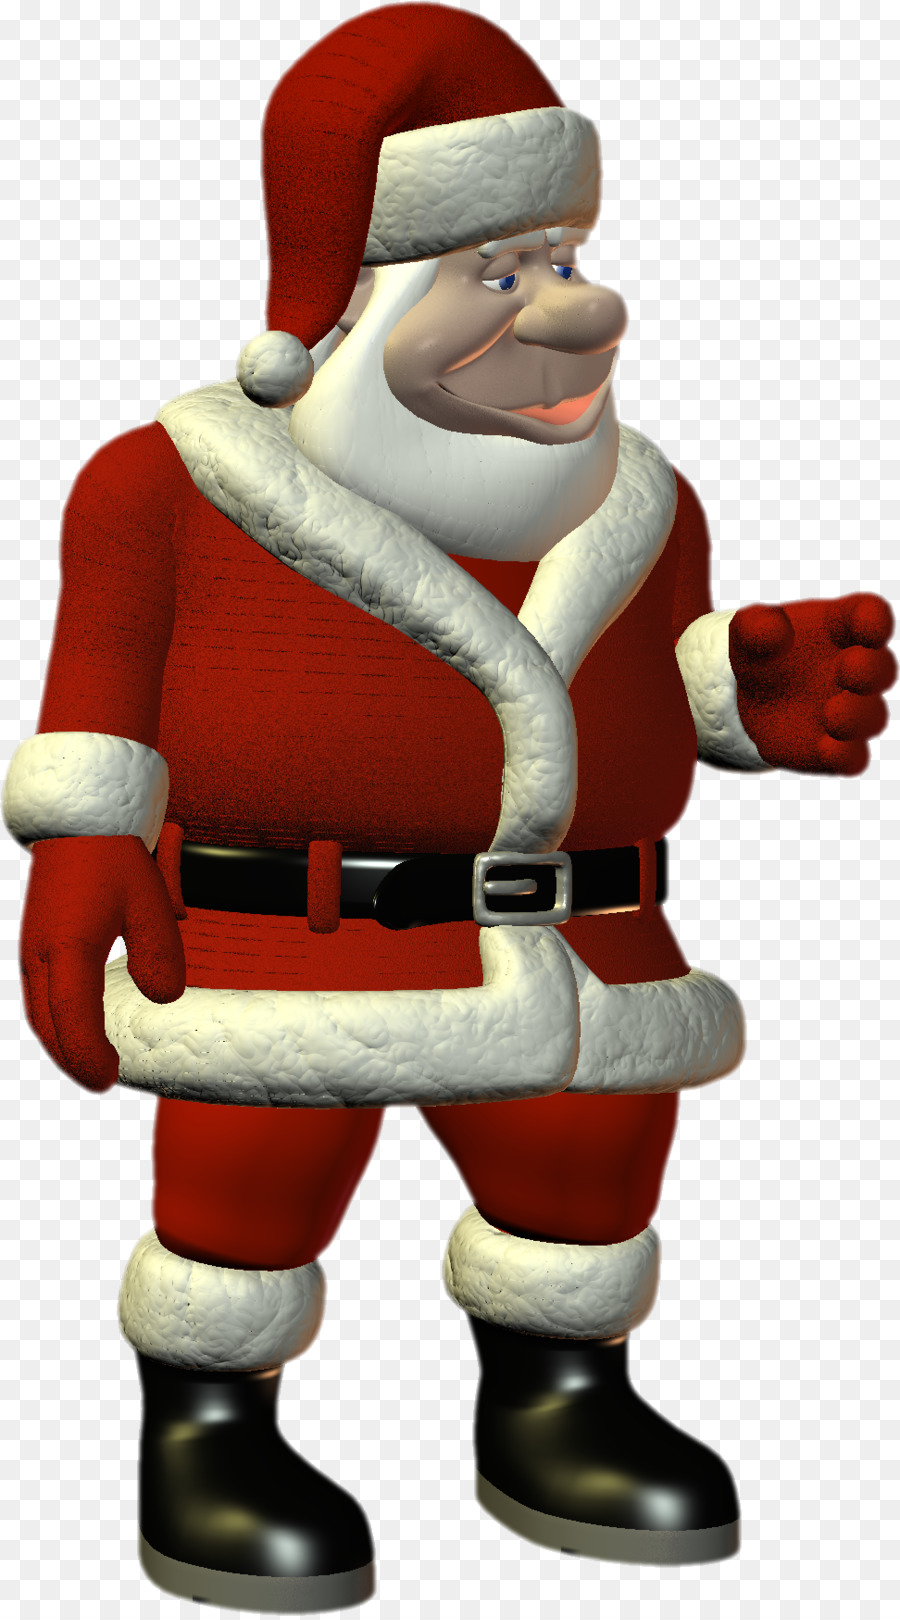 Descarga gratuita de Santa Claus, La Navidad, Snegurochka imágenes PNG